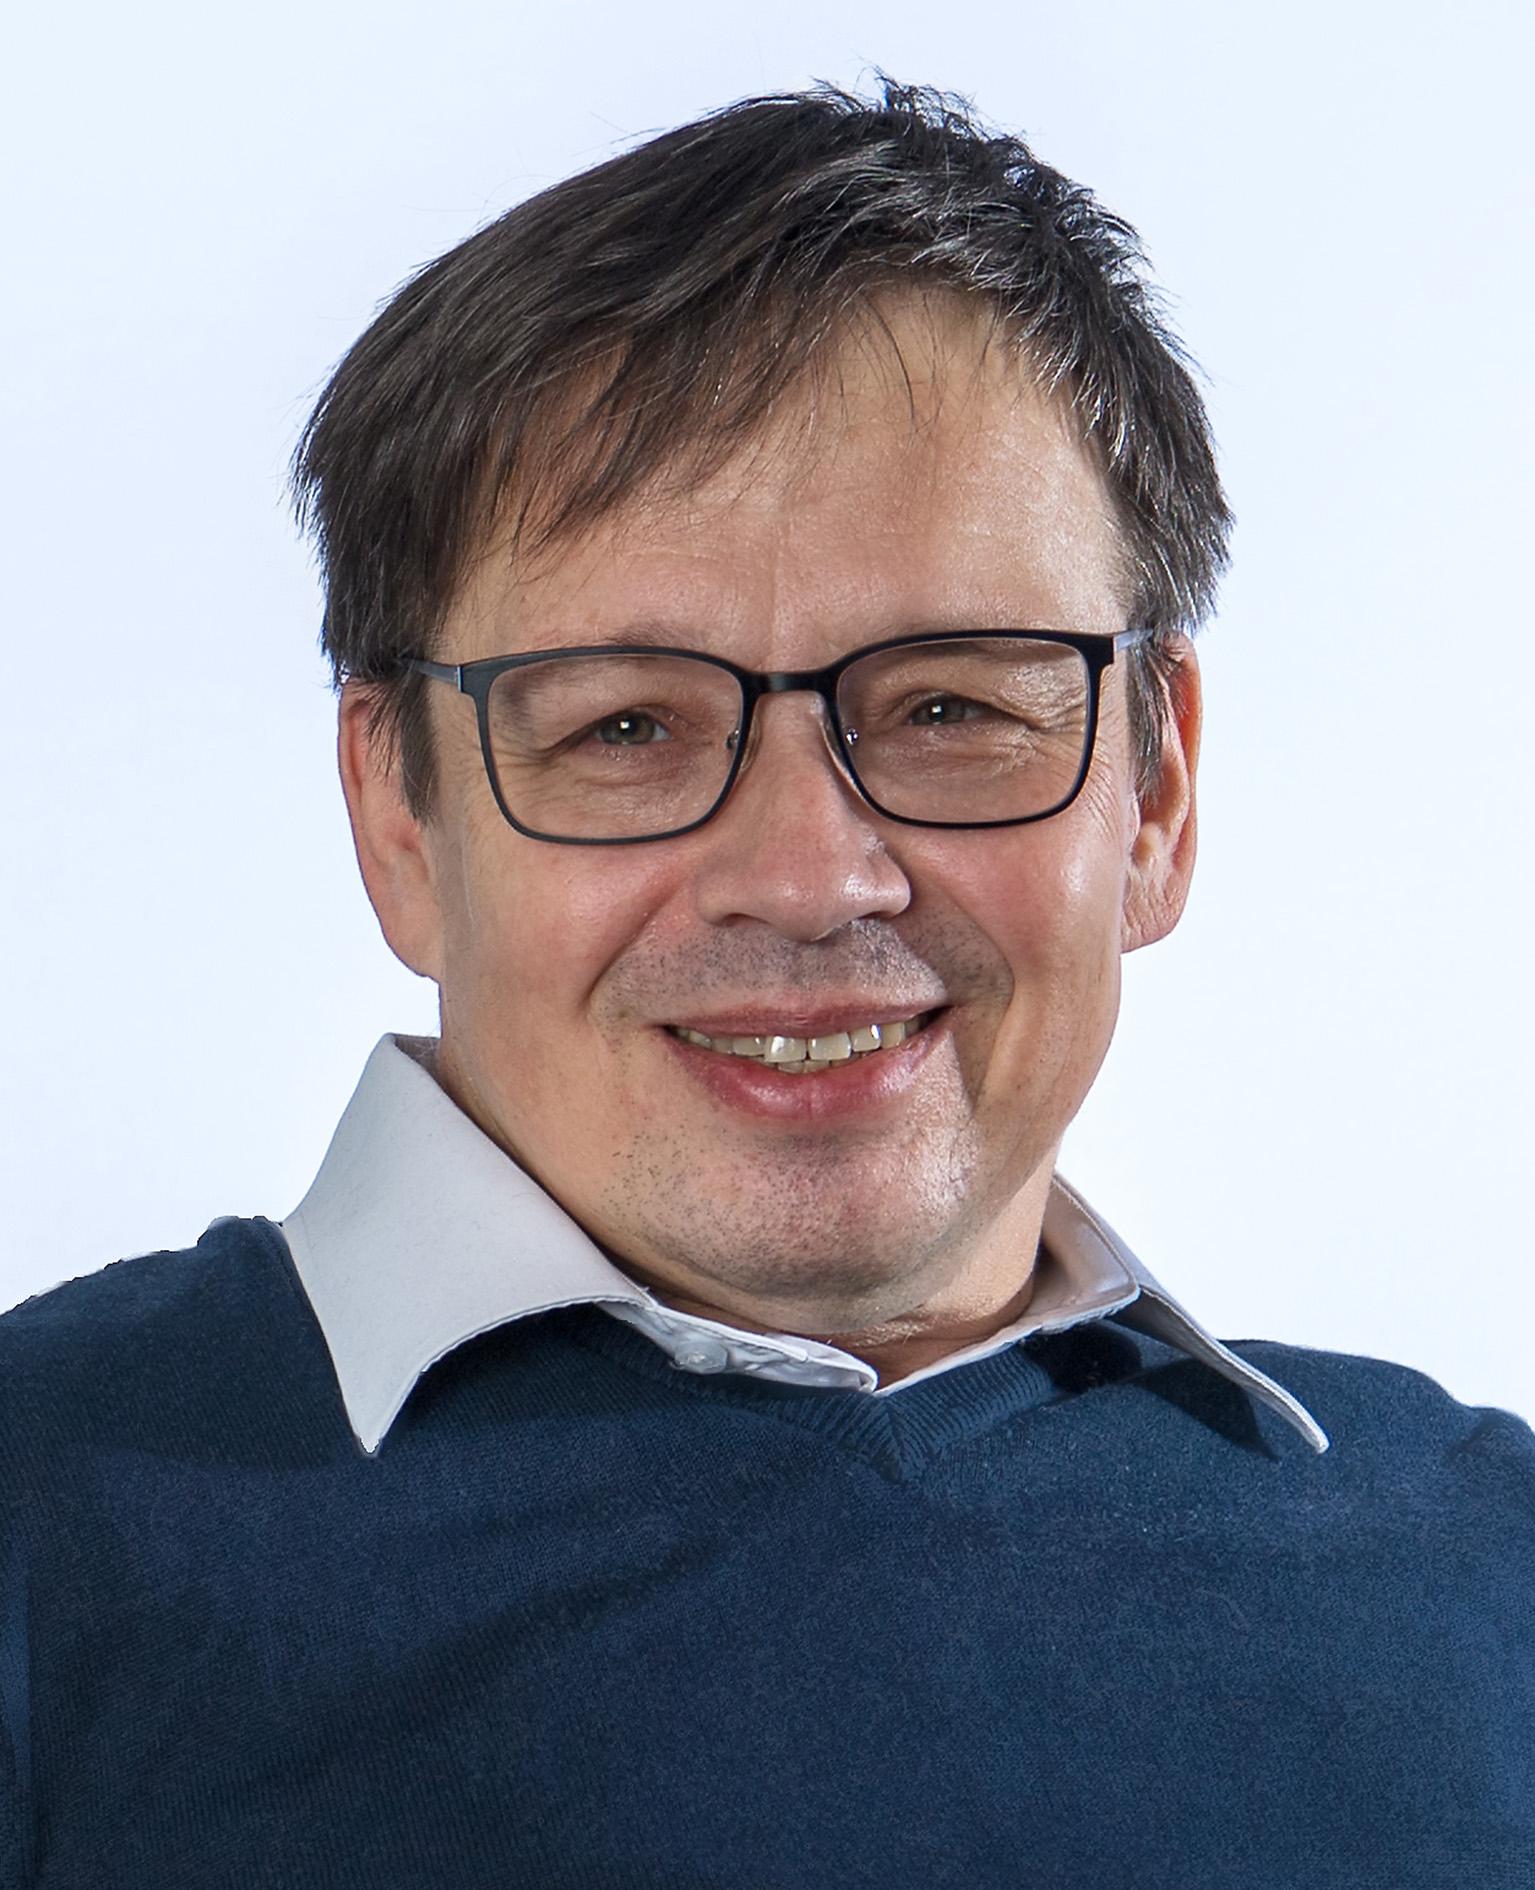 Wolfgang Mathis